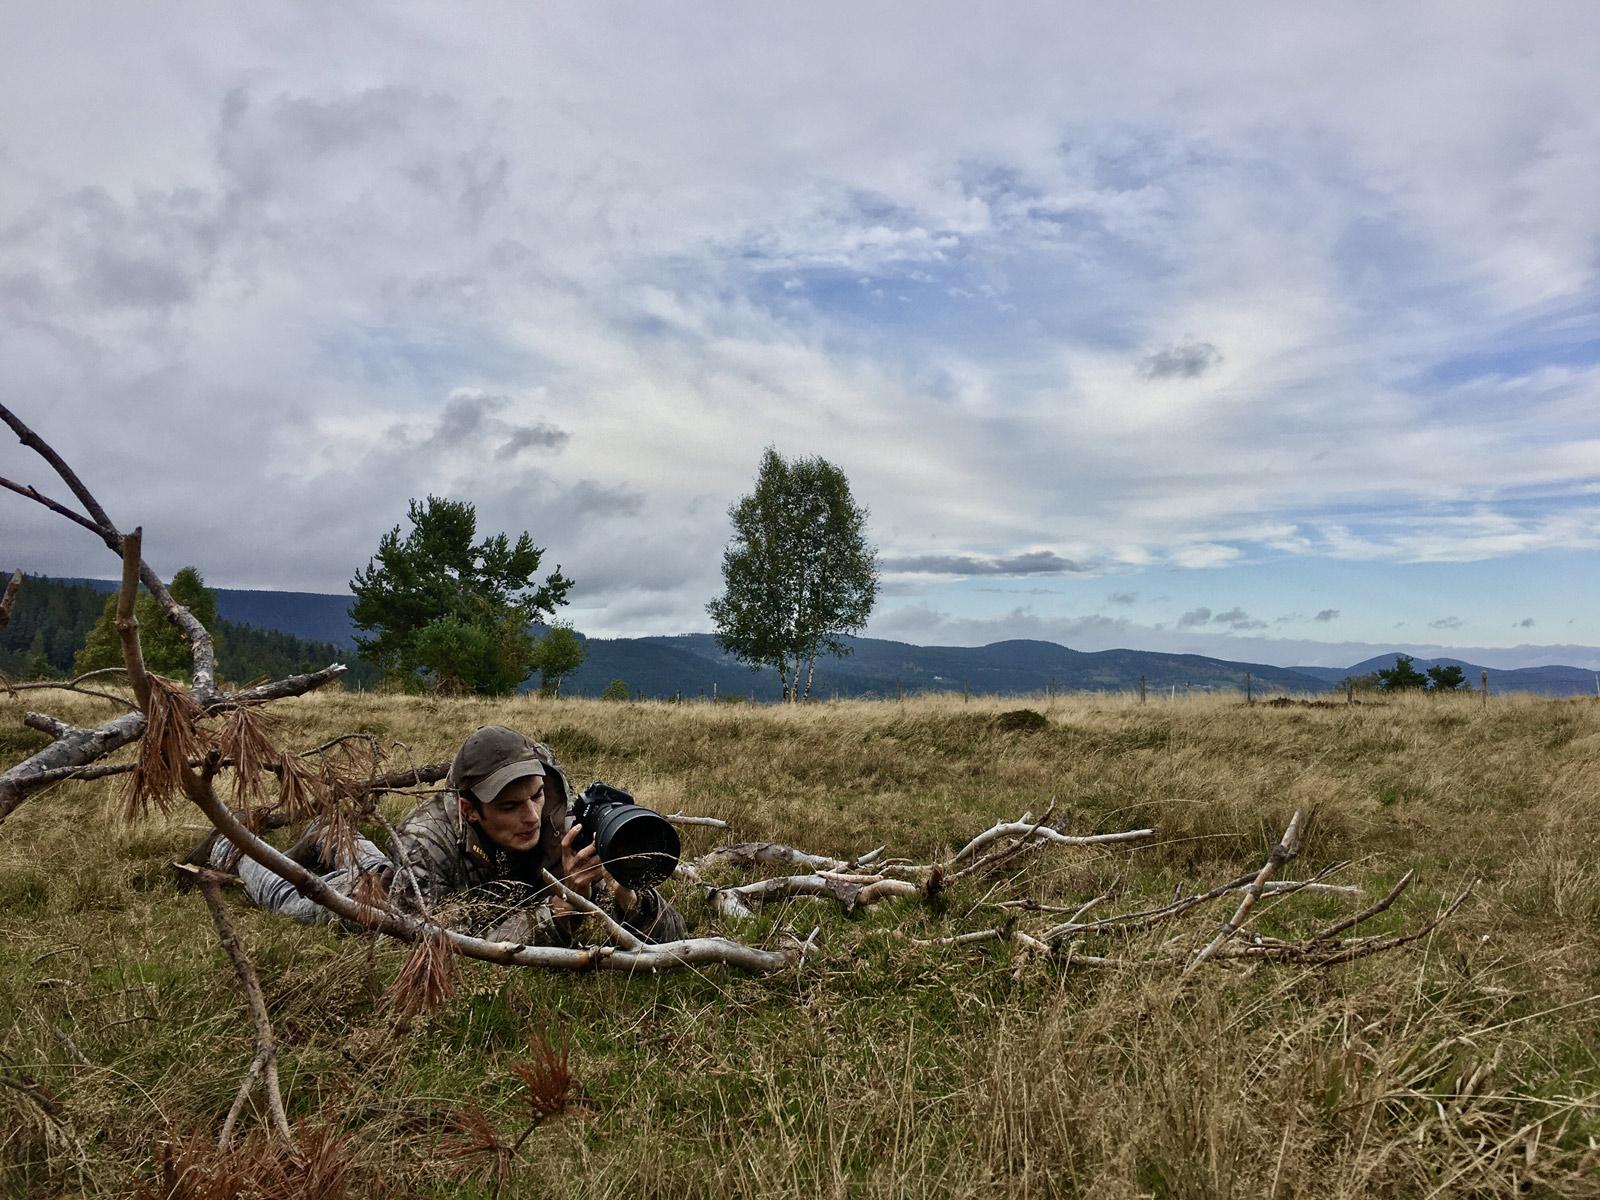 image filmer en nature dans du relief - Iffcam